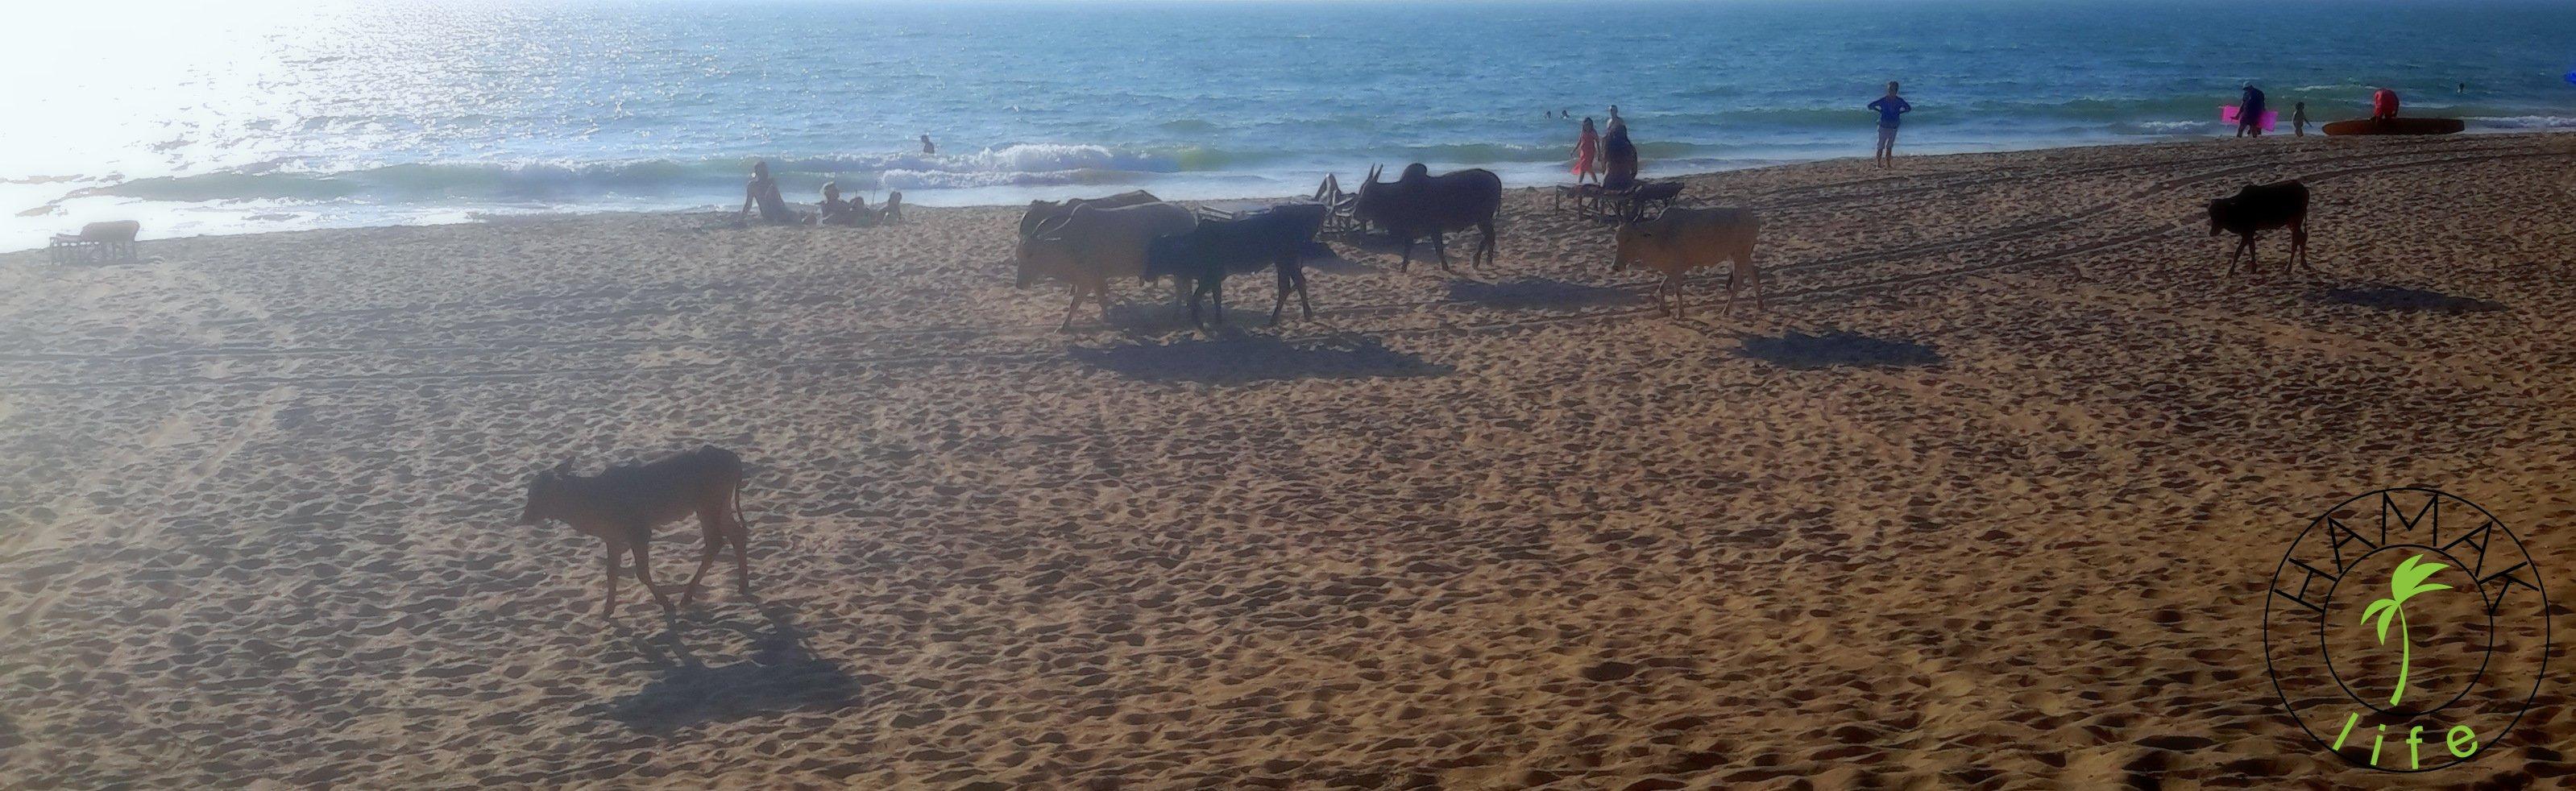 Plaża na Goa w Agonda Beach. Krowy w Indiach faktycznie są wszędzie.